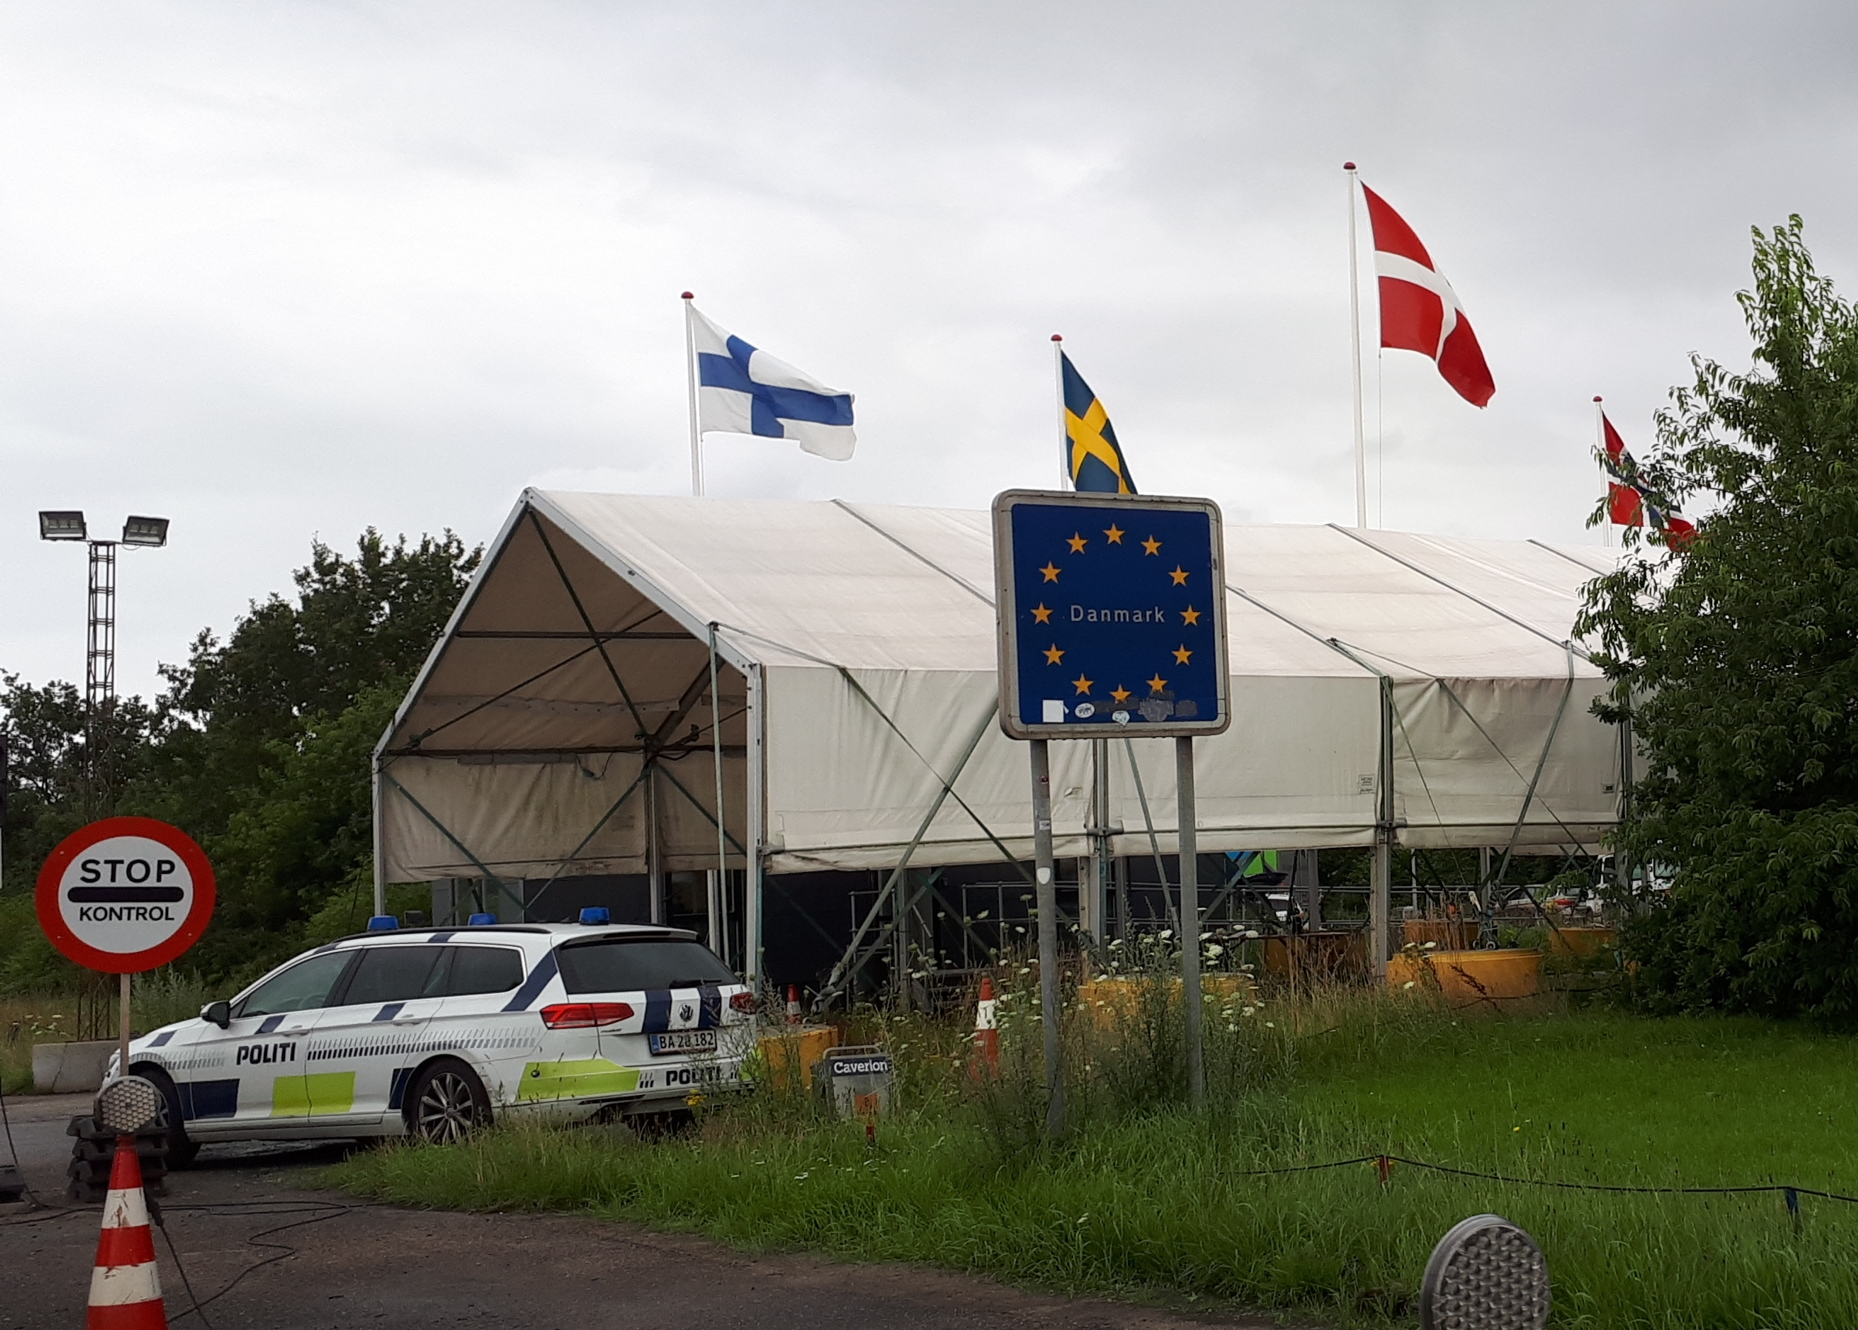 Rejsevejledningerne er forlænget til 20. april. Regeringen vil indkalde partierne bag genåbningsaftalen til drøftelser efter påske for at opnå bred forståelse om rejserestriktionerne, oplyser Udenrigsministeriet. Arkivfoto: Henrik Baumgarten.